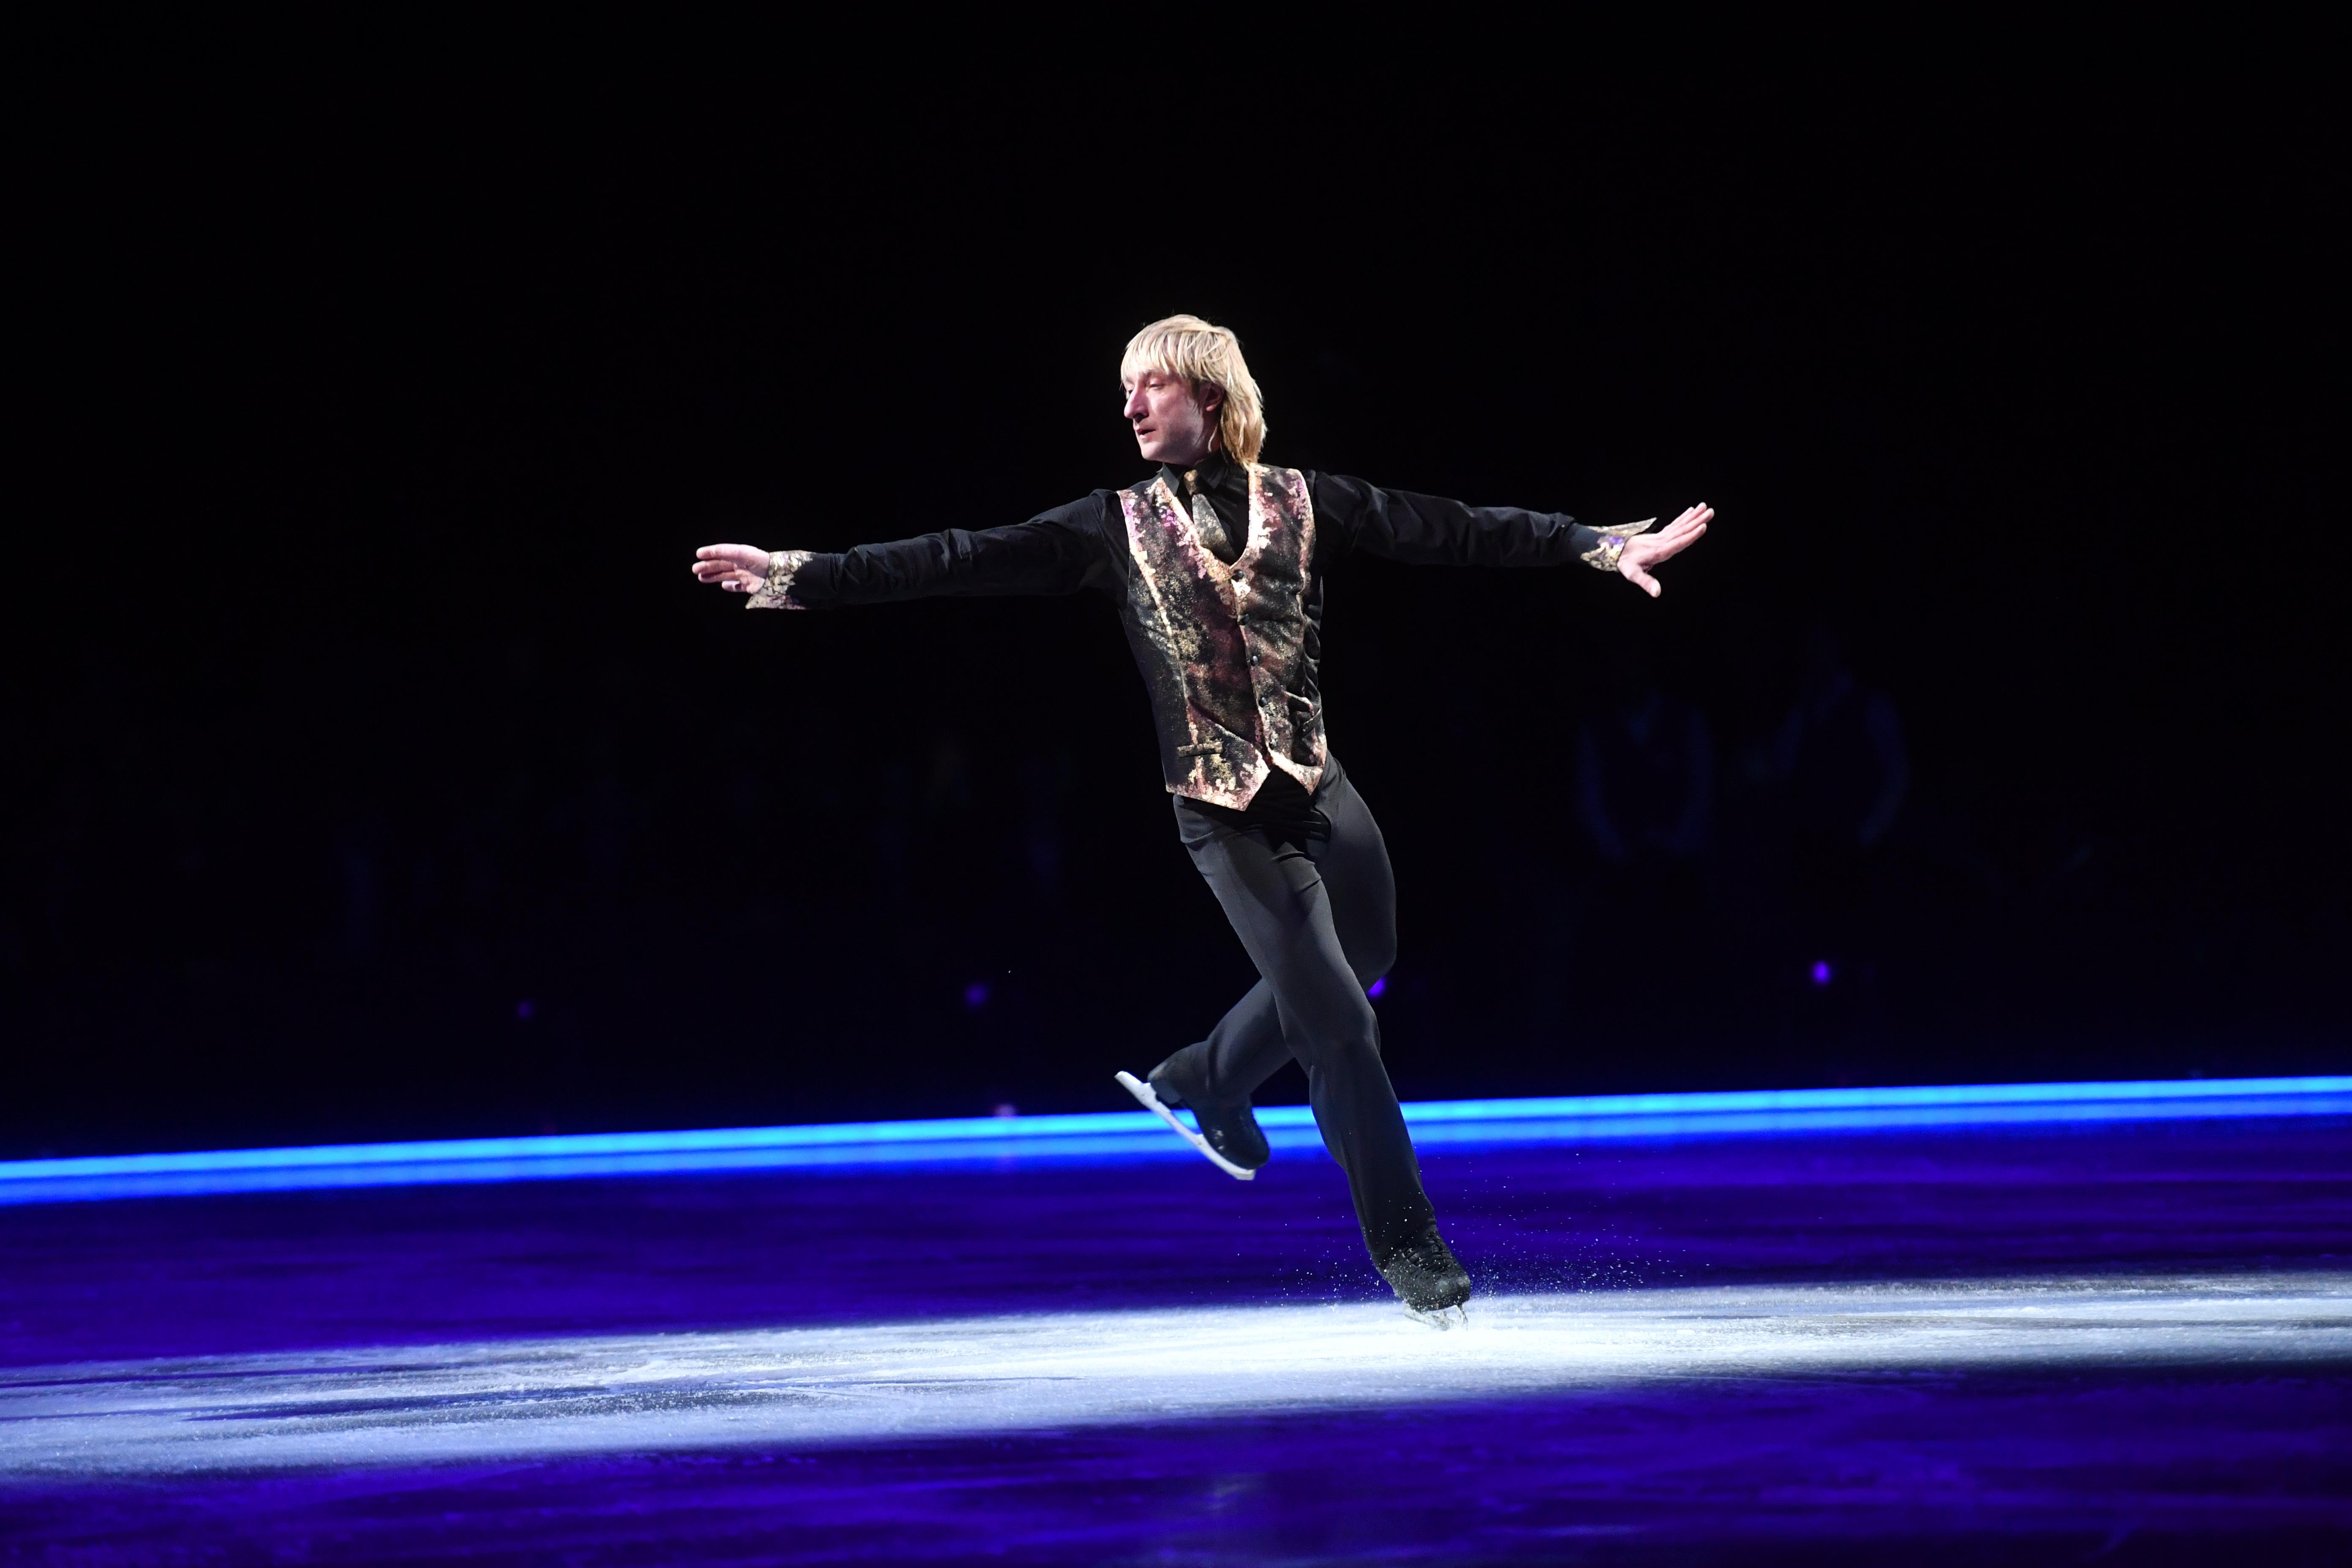 В спортивном комплексе «Олимпийский» состоялась премьера ледового шоу Евгения Плющенко «Щелкунчик»